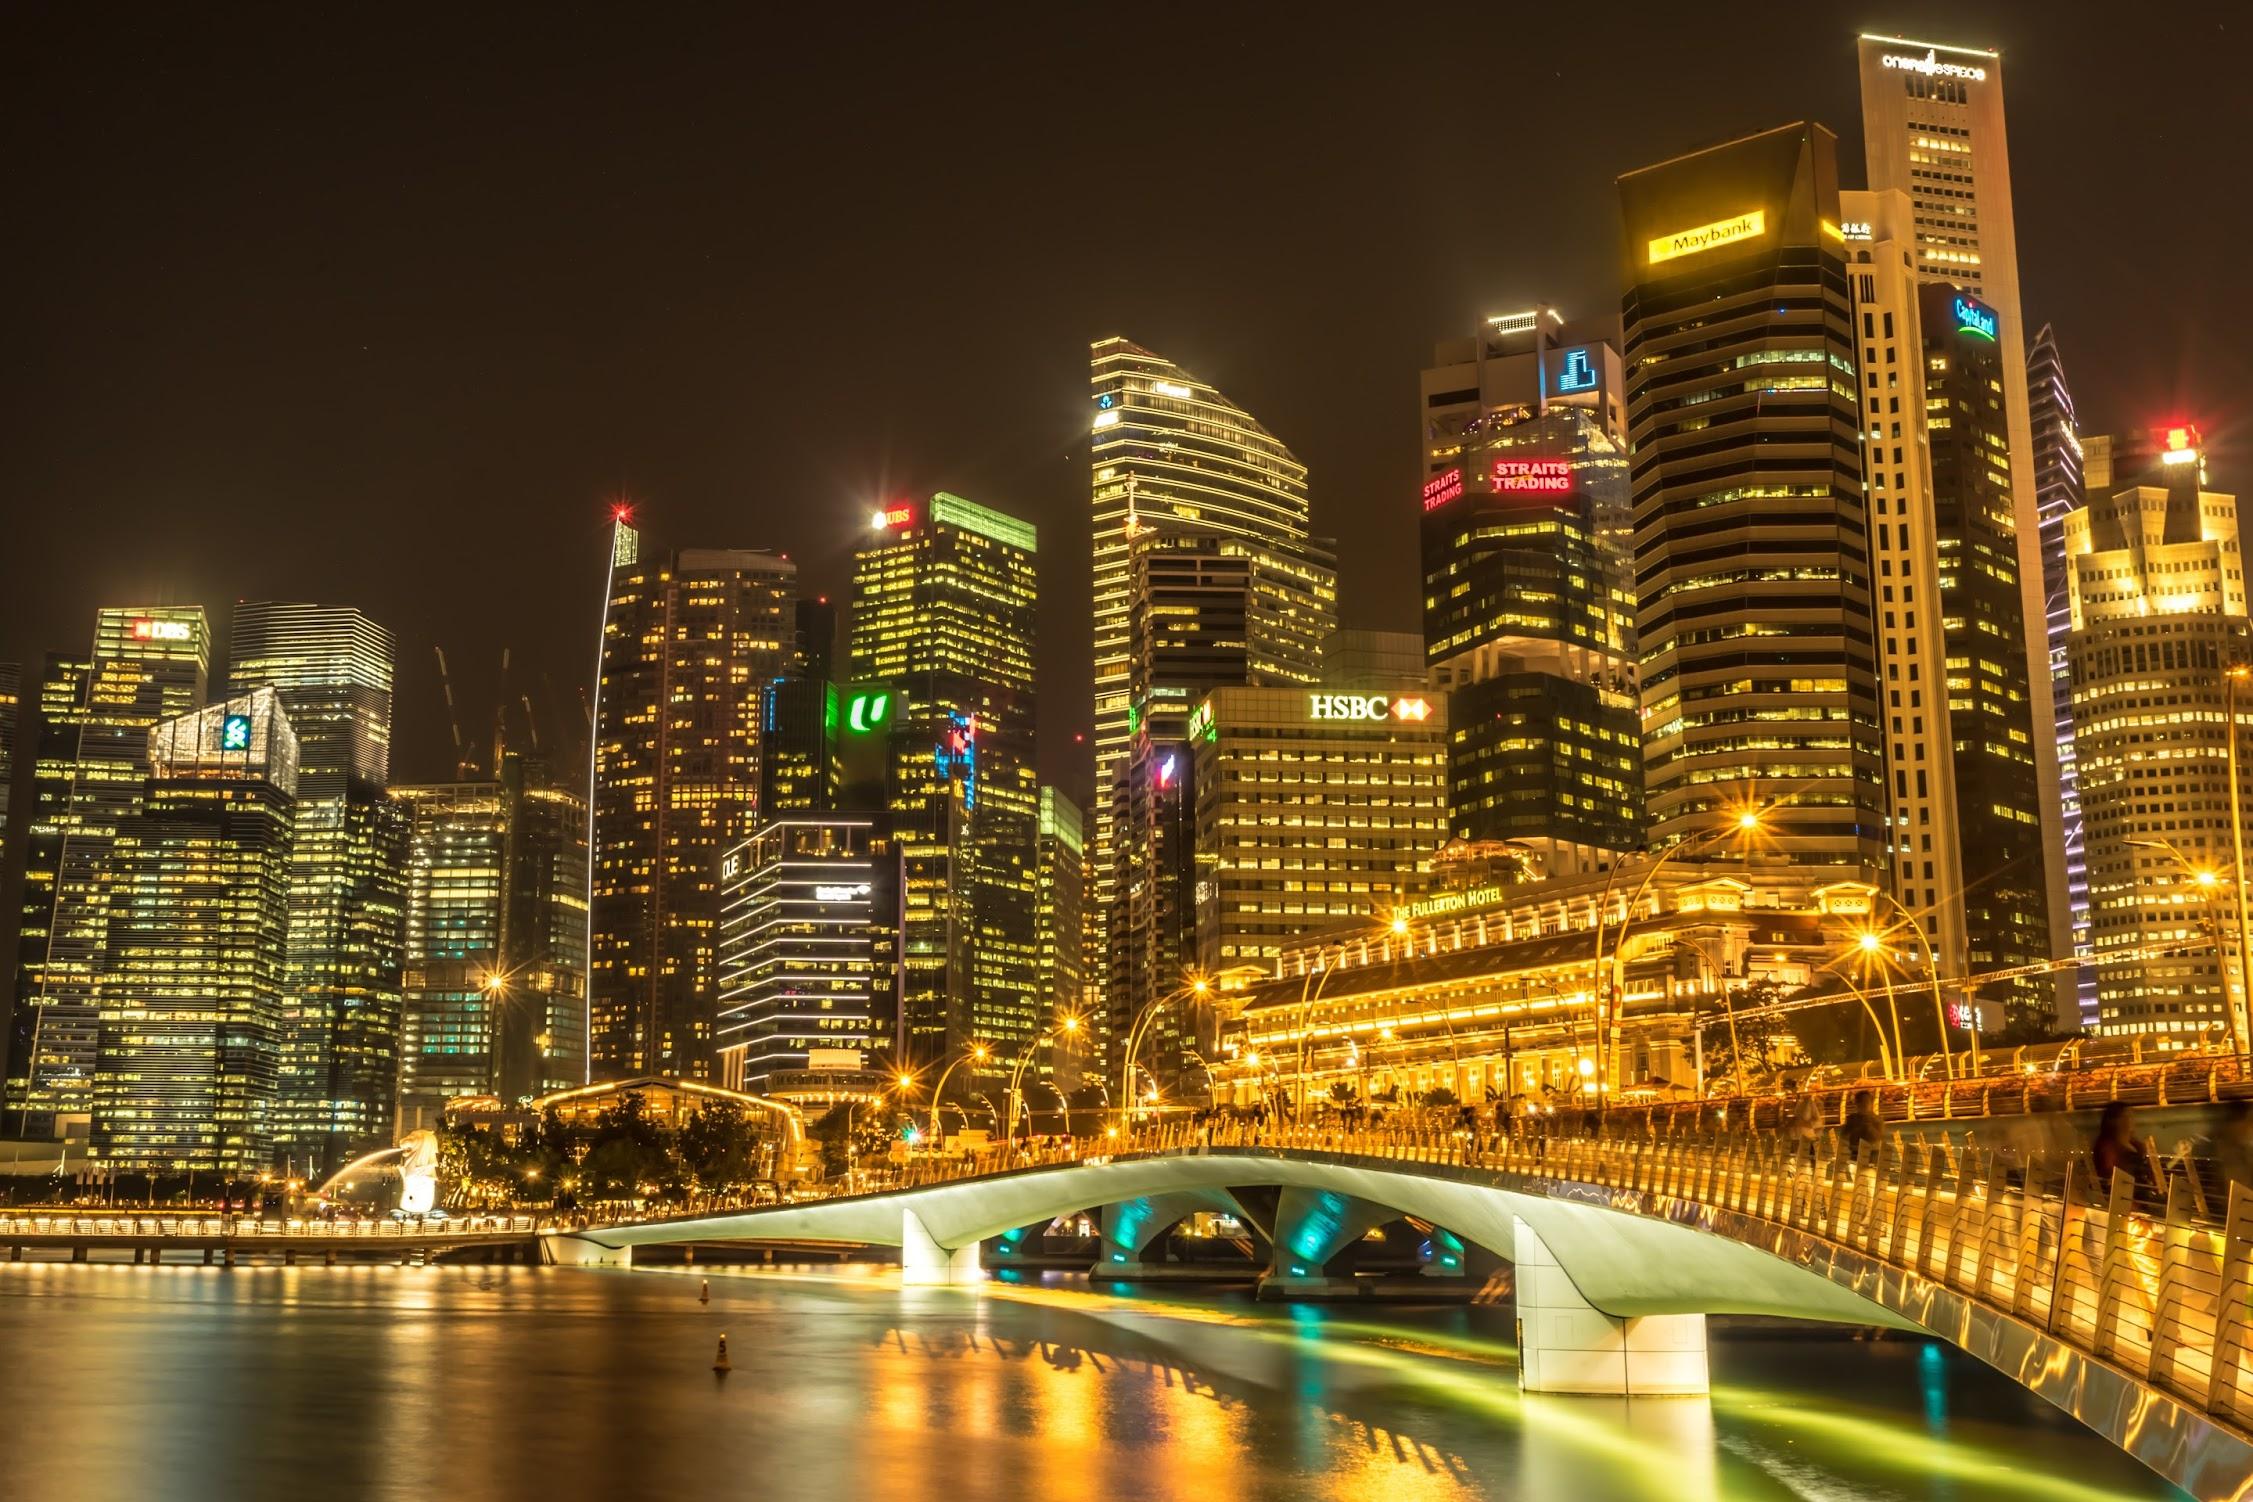 シンガポール フラトン・ホテル 夜景